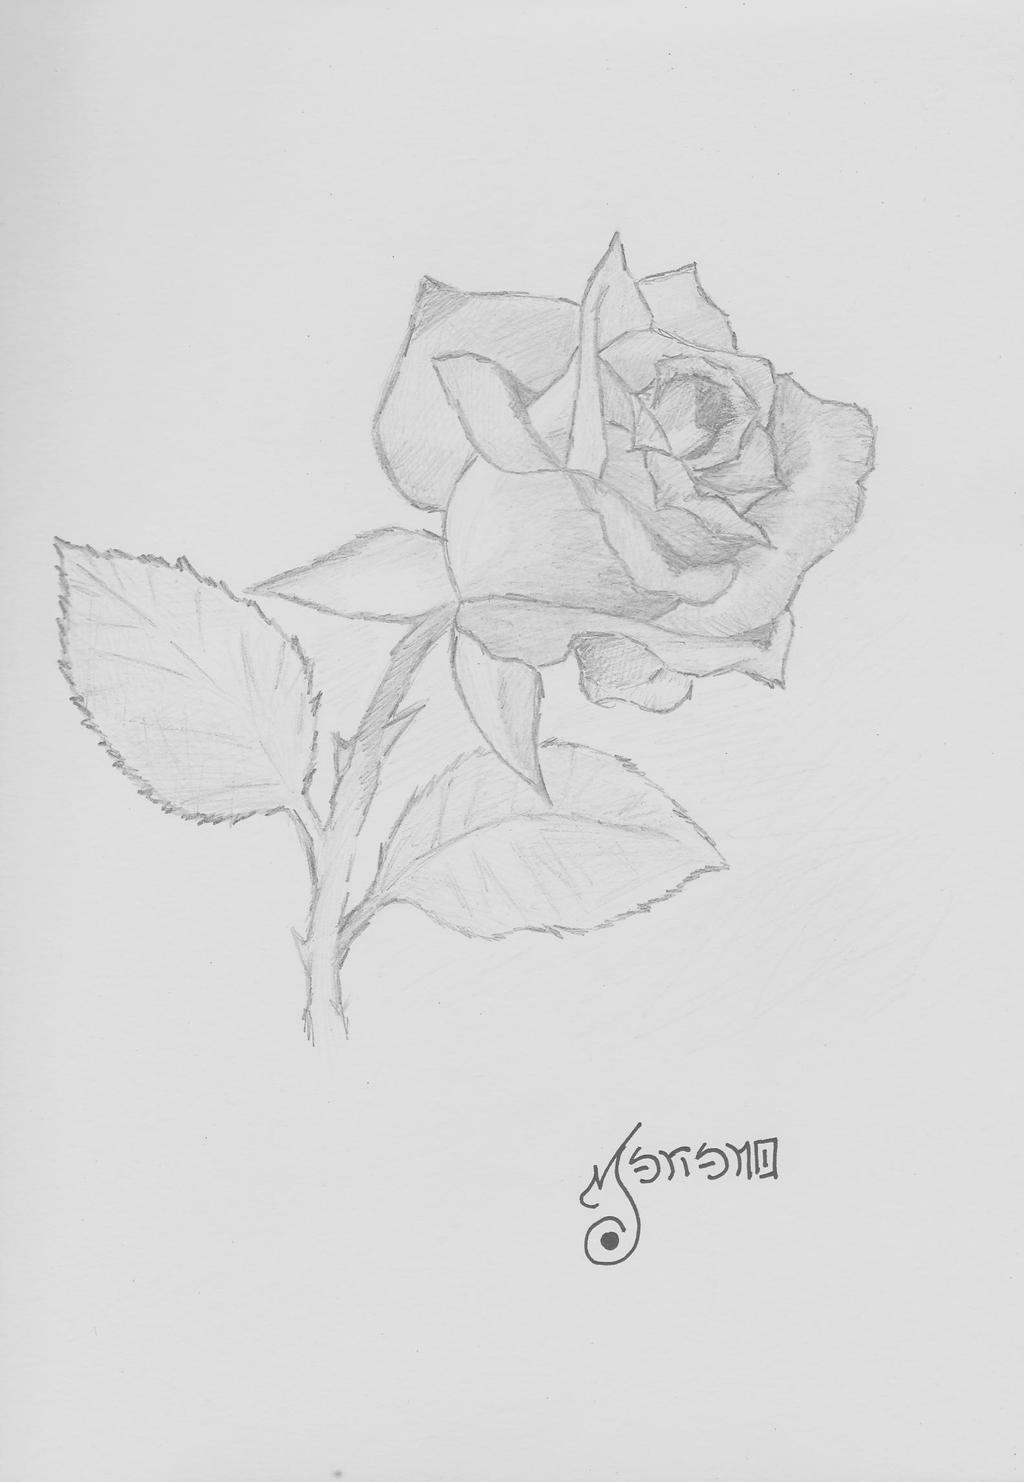 Mno Dibujo Rosa a Lapiz by rextir on DeviantArt